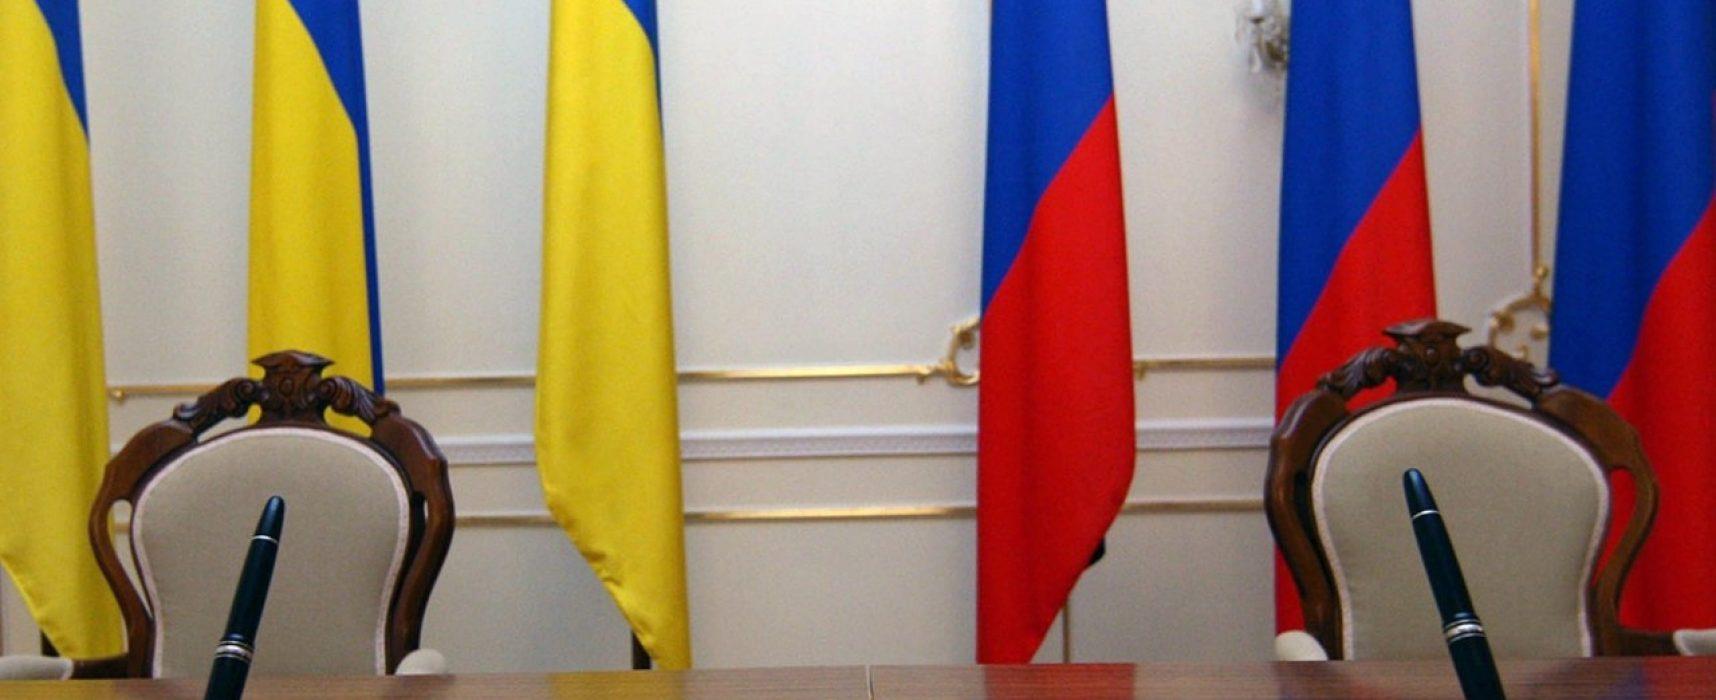 Российские СМИ выдали результаты опроса прокремлевского телеканала за мнение украинцев, «решительно поддержавших договор о Дружбе с Россией»